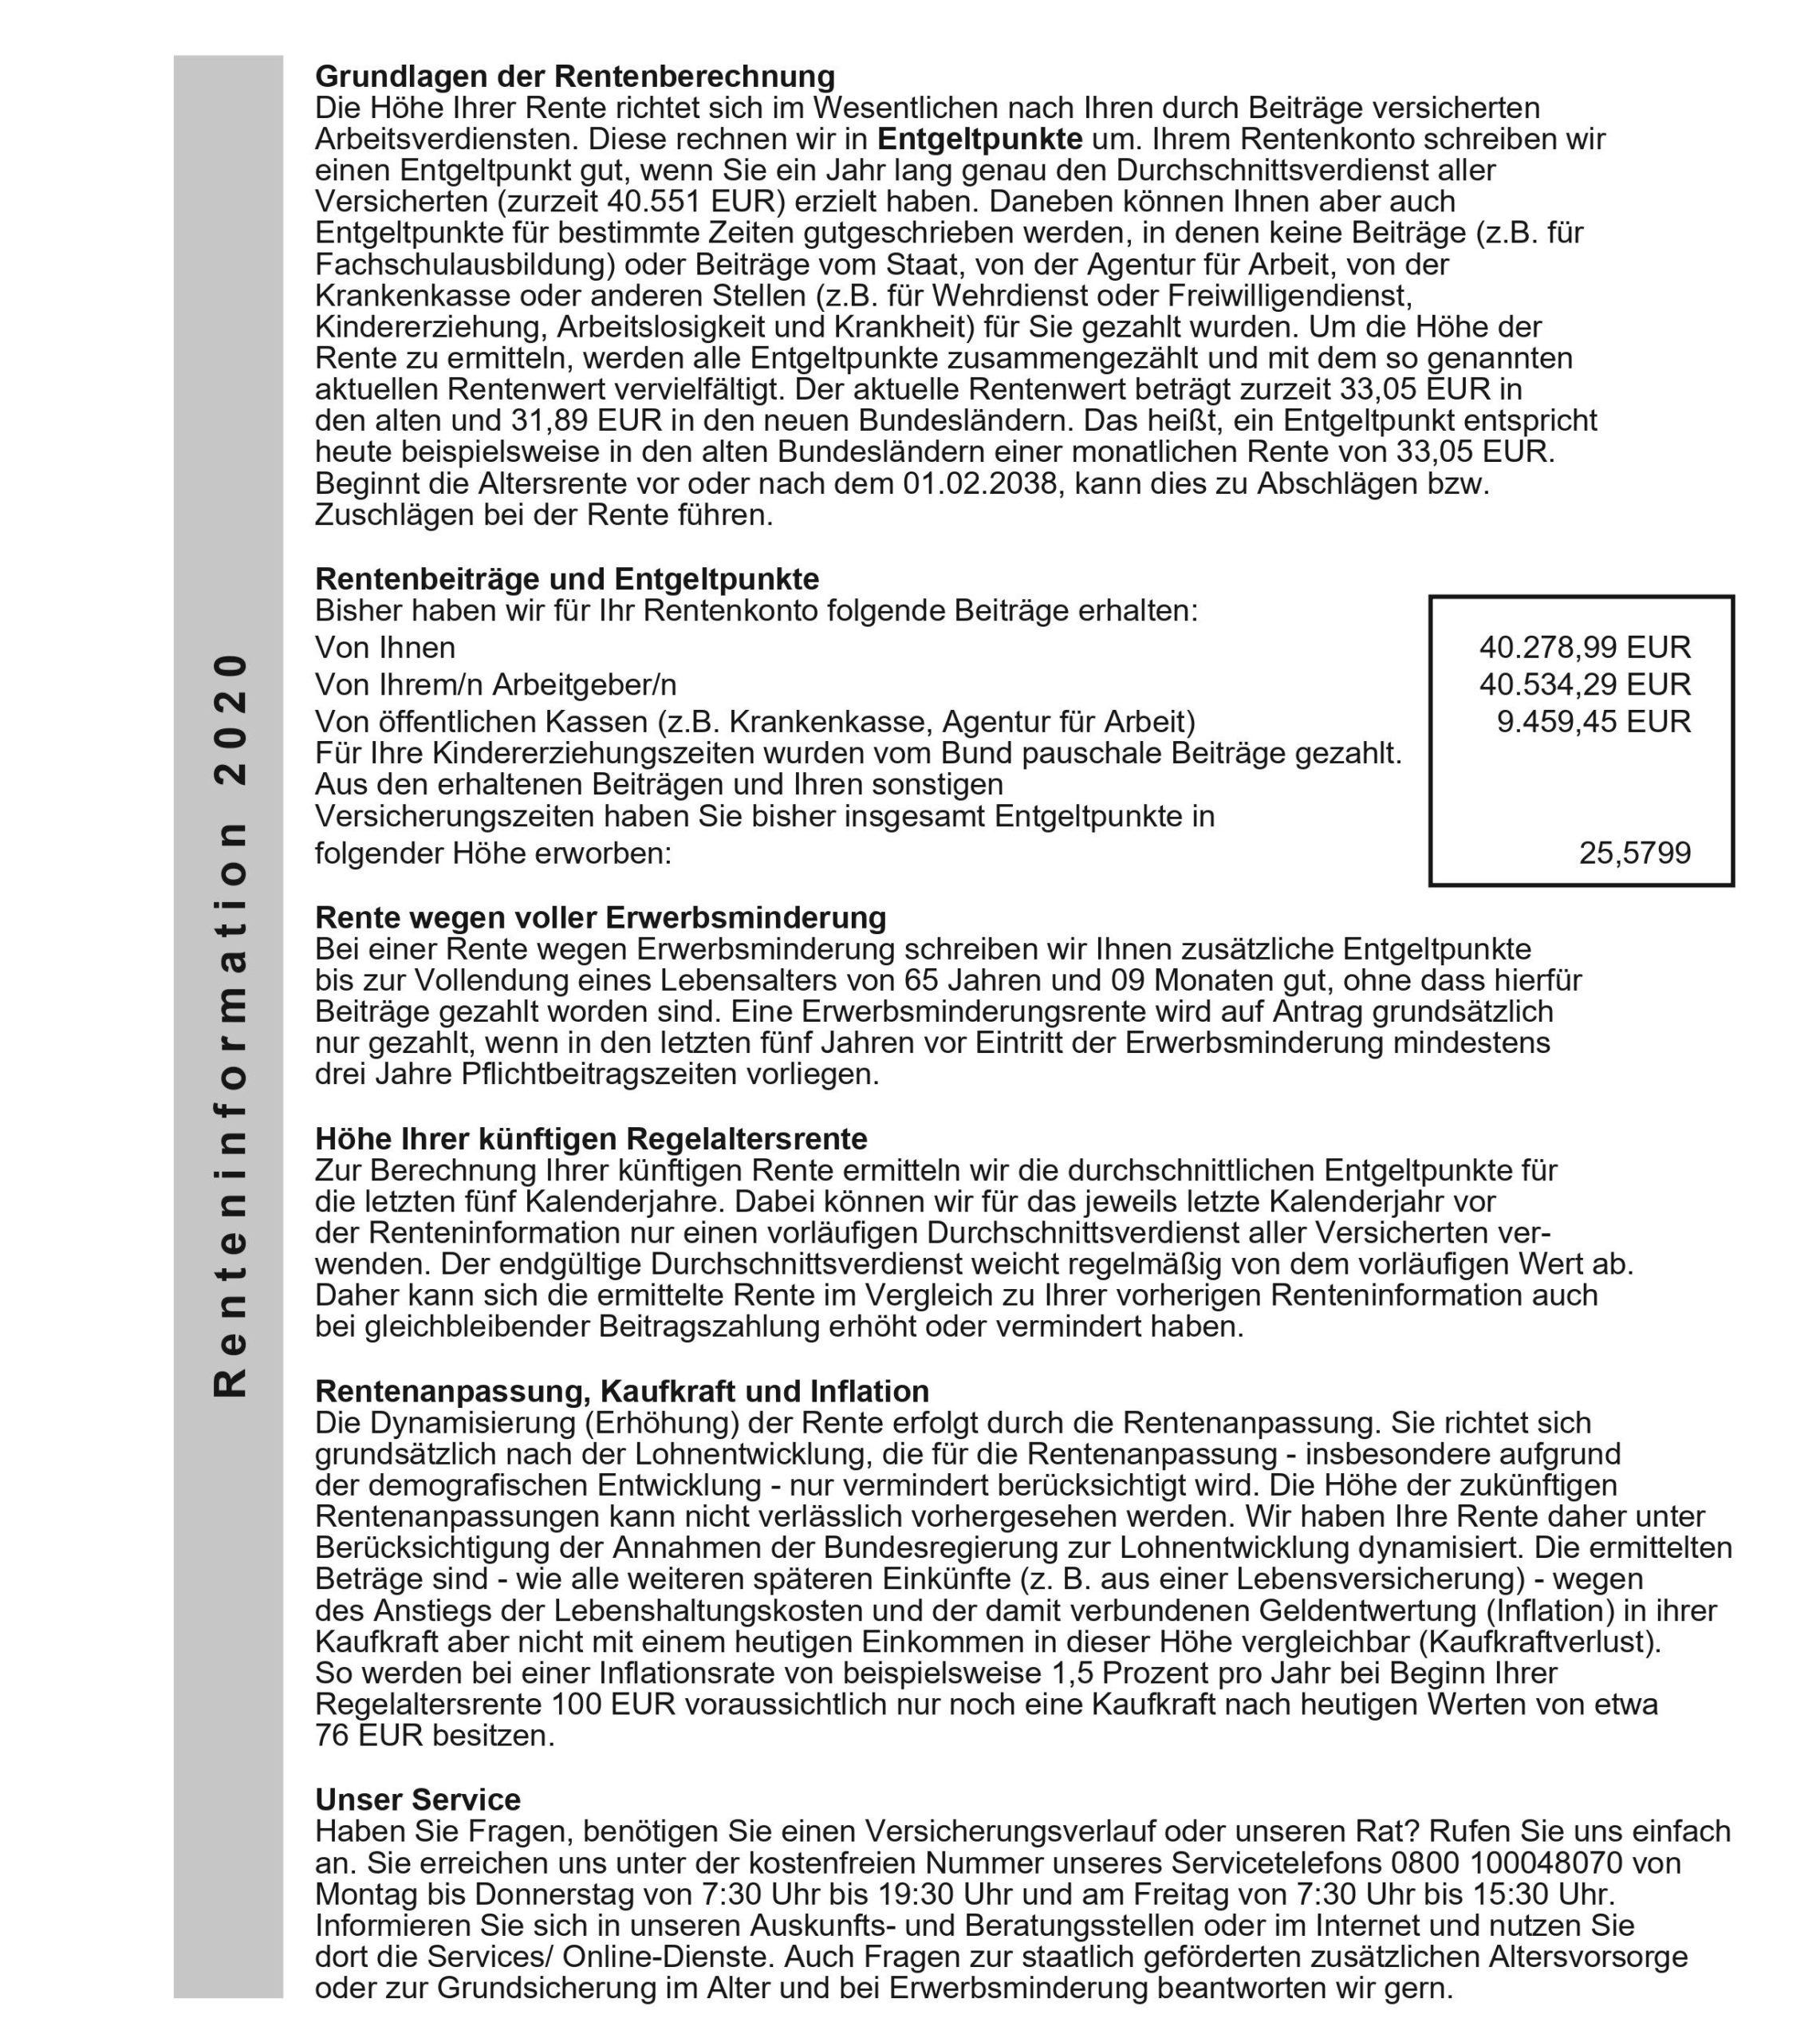 Muster Renteninformation 2020, Seite 2